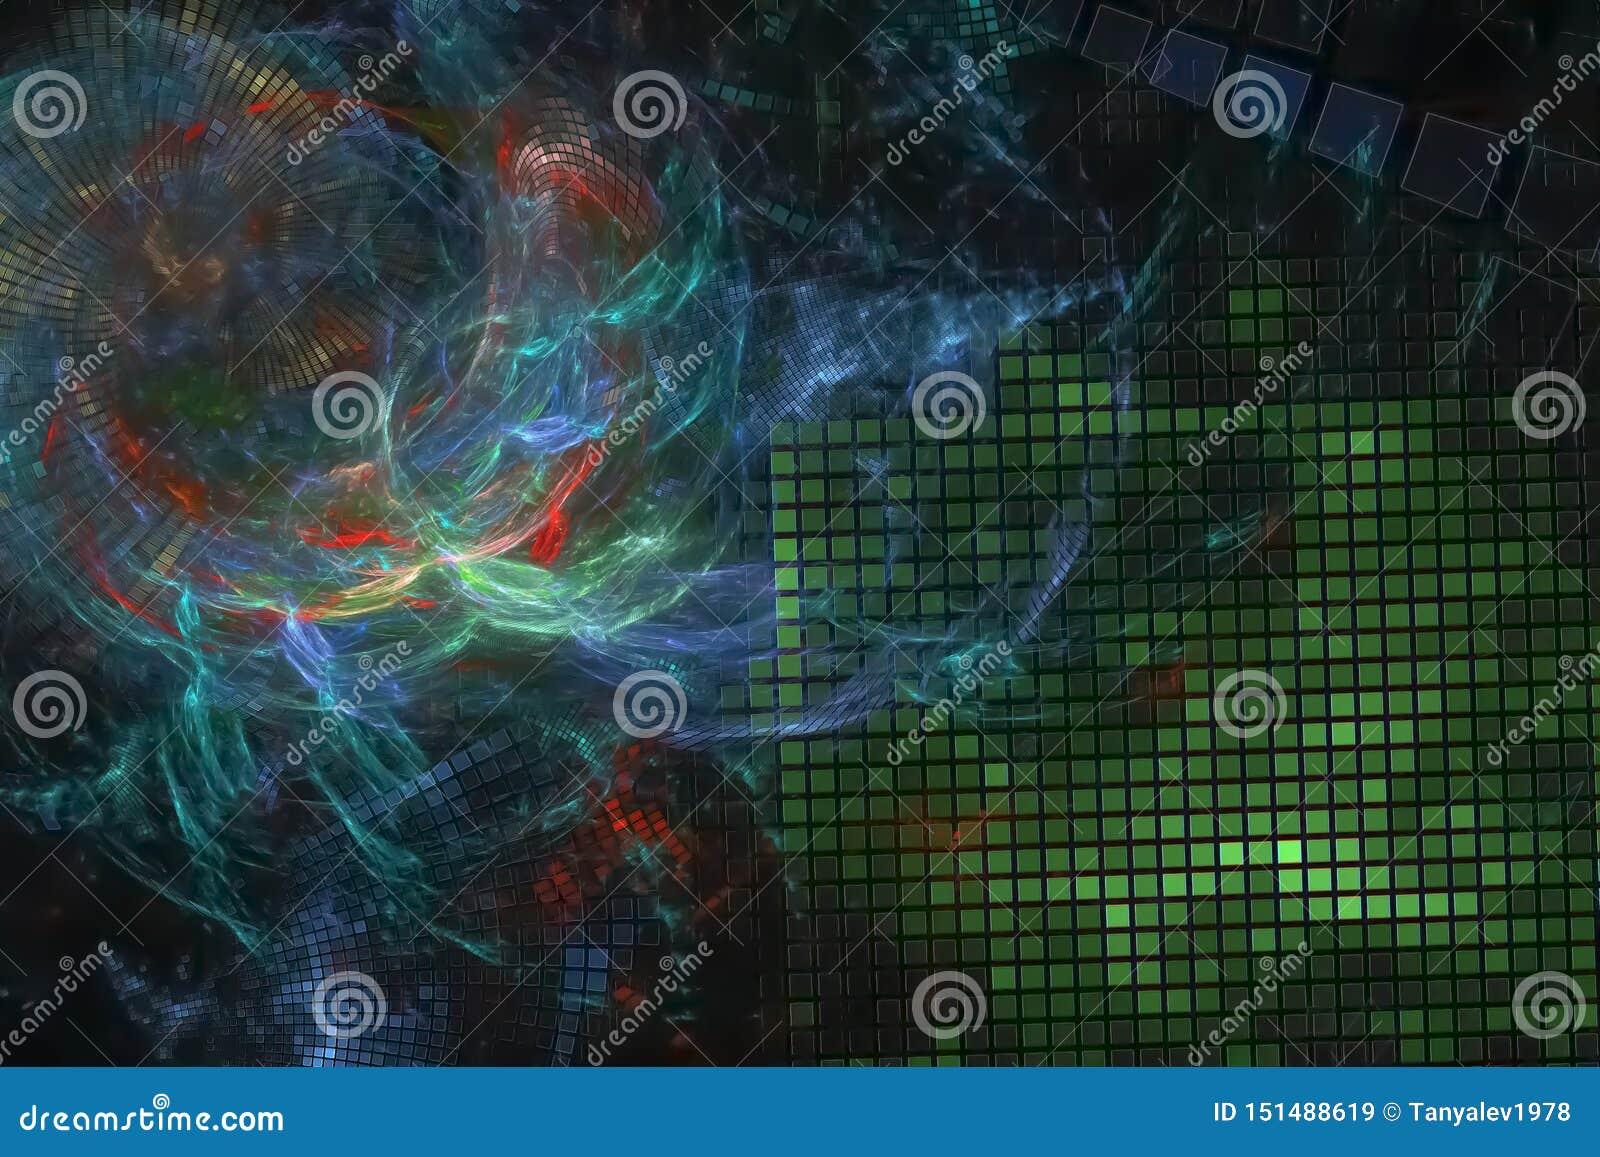 艺术性摘要数字意想不到的曲线纹理能量概念分数维现代波浪充满活力的混乱幻想的设计,发光